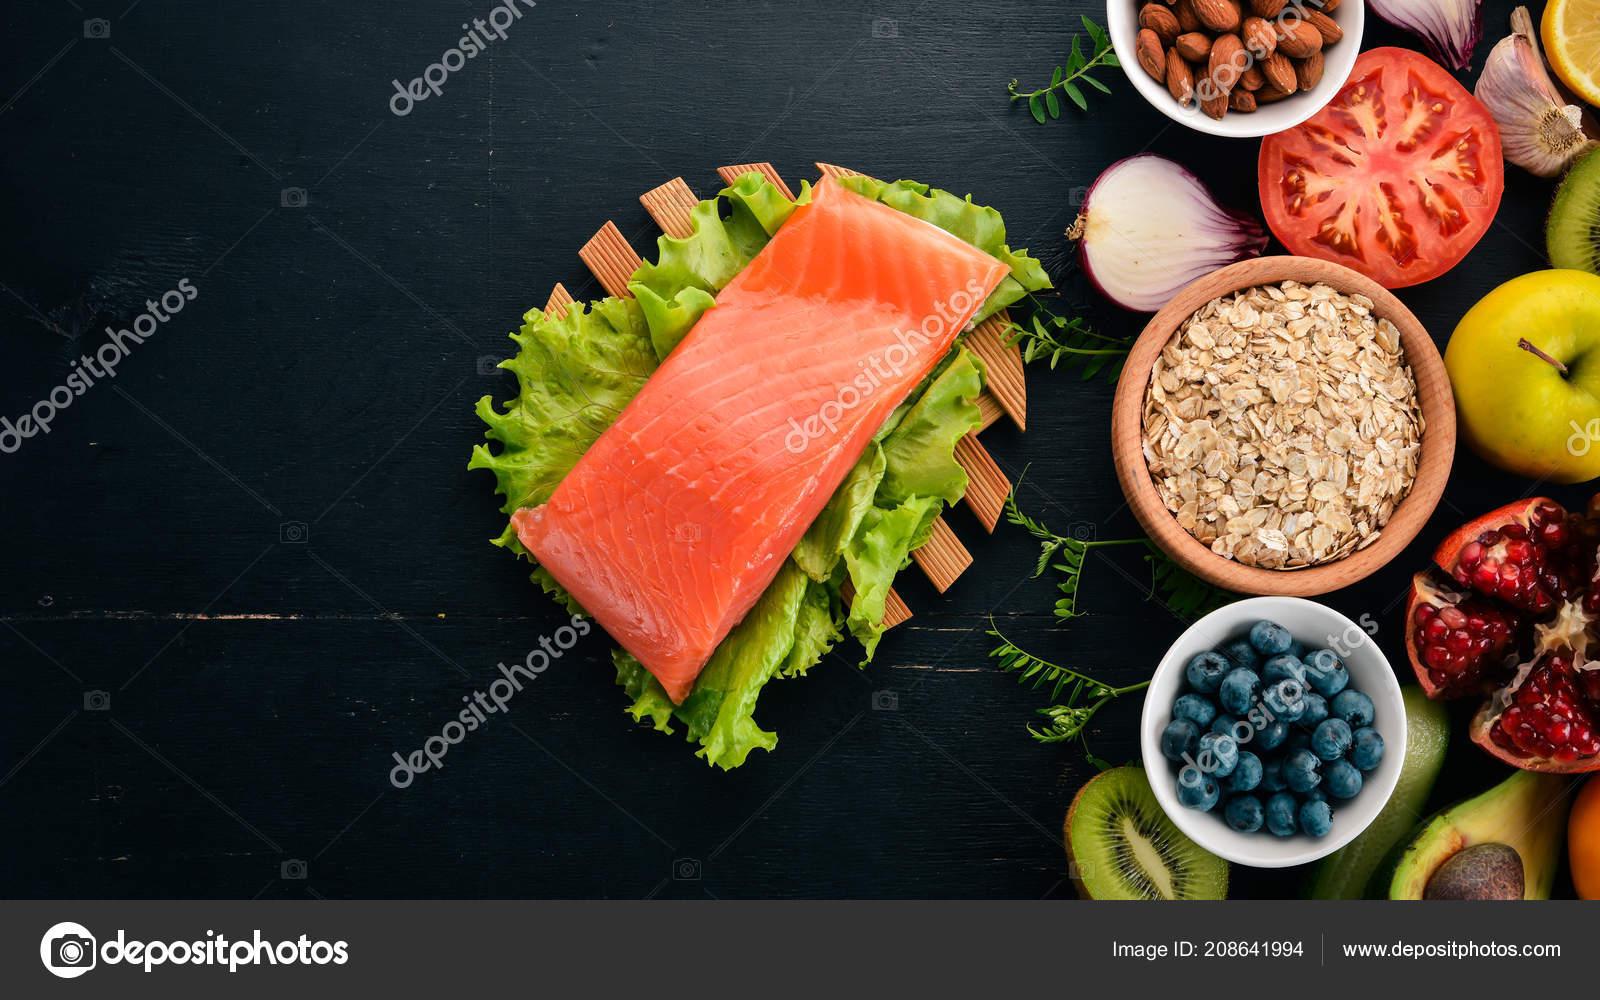 1a7ed3852 Conjunto Alimentos Saudáveis Peixe Nozes Proteínas Frutas Legumes Frutas  Sobre — Fotografia de Stock